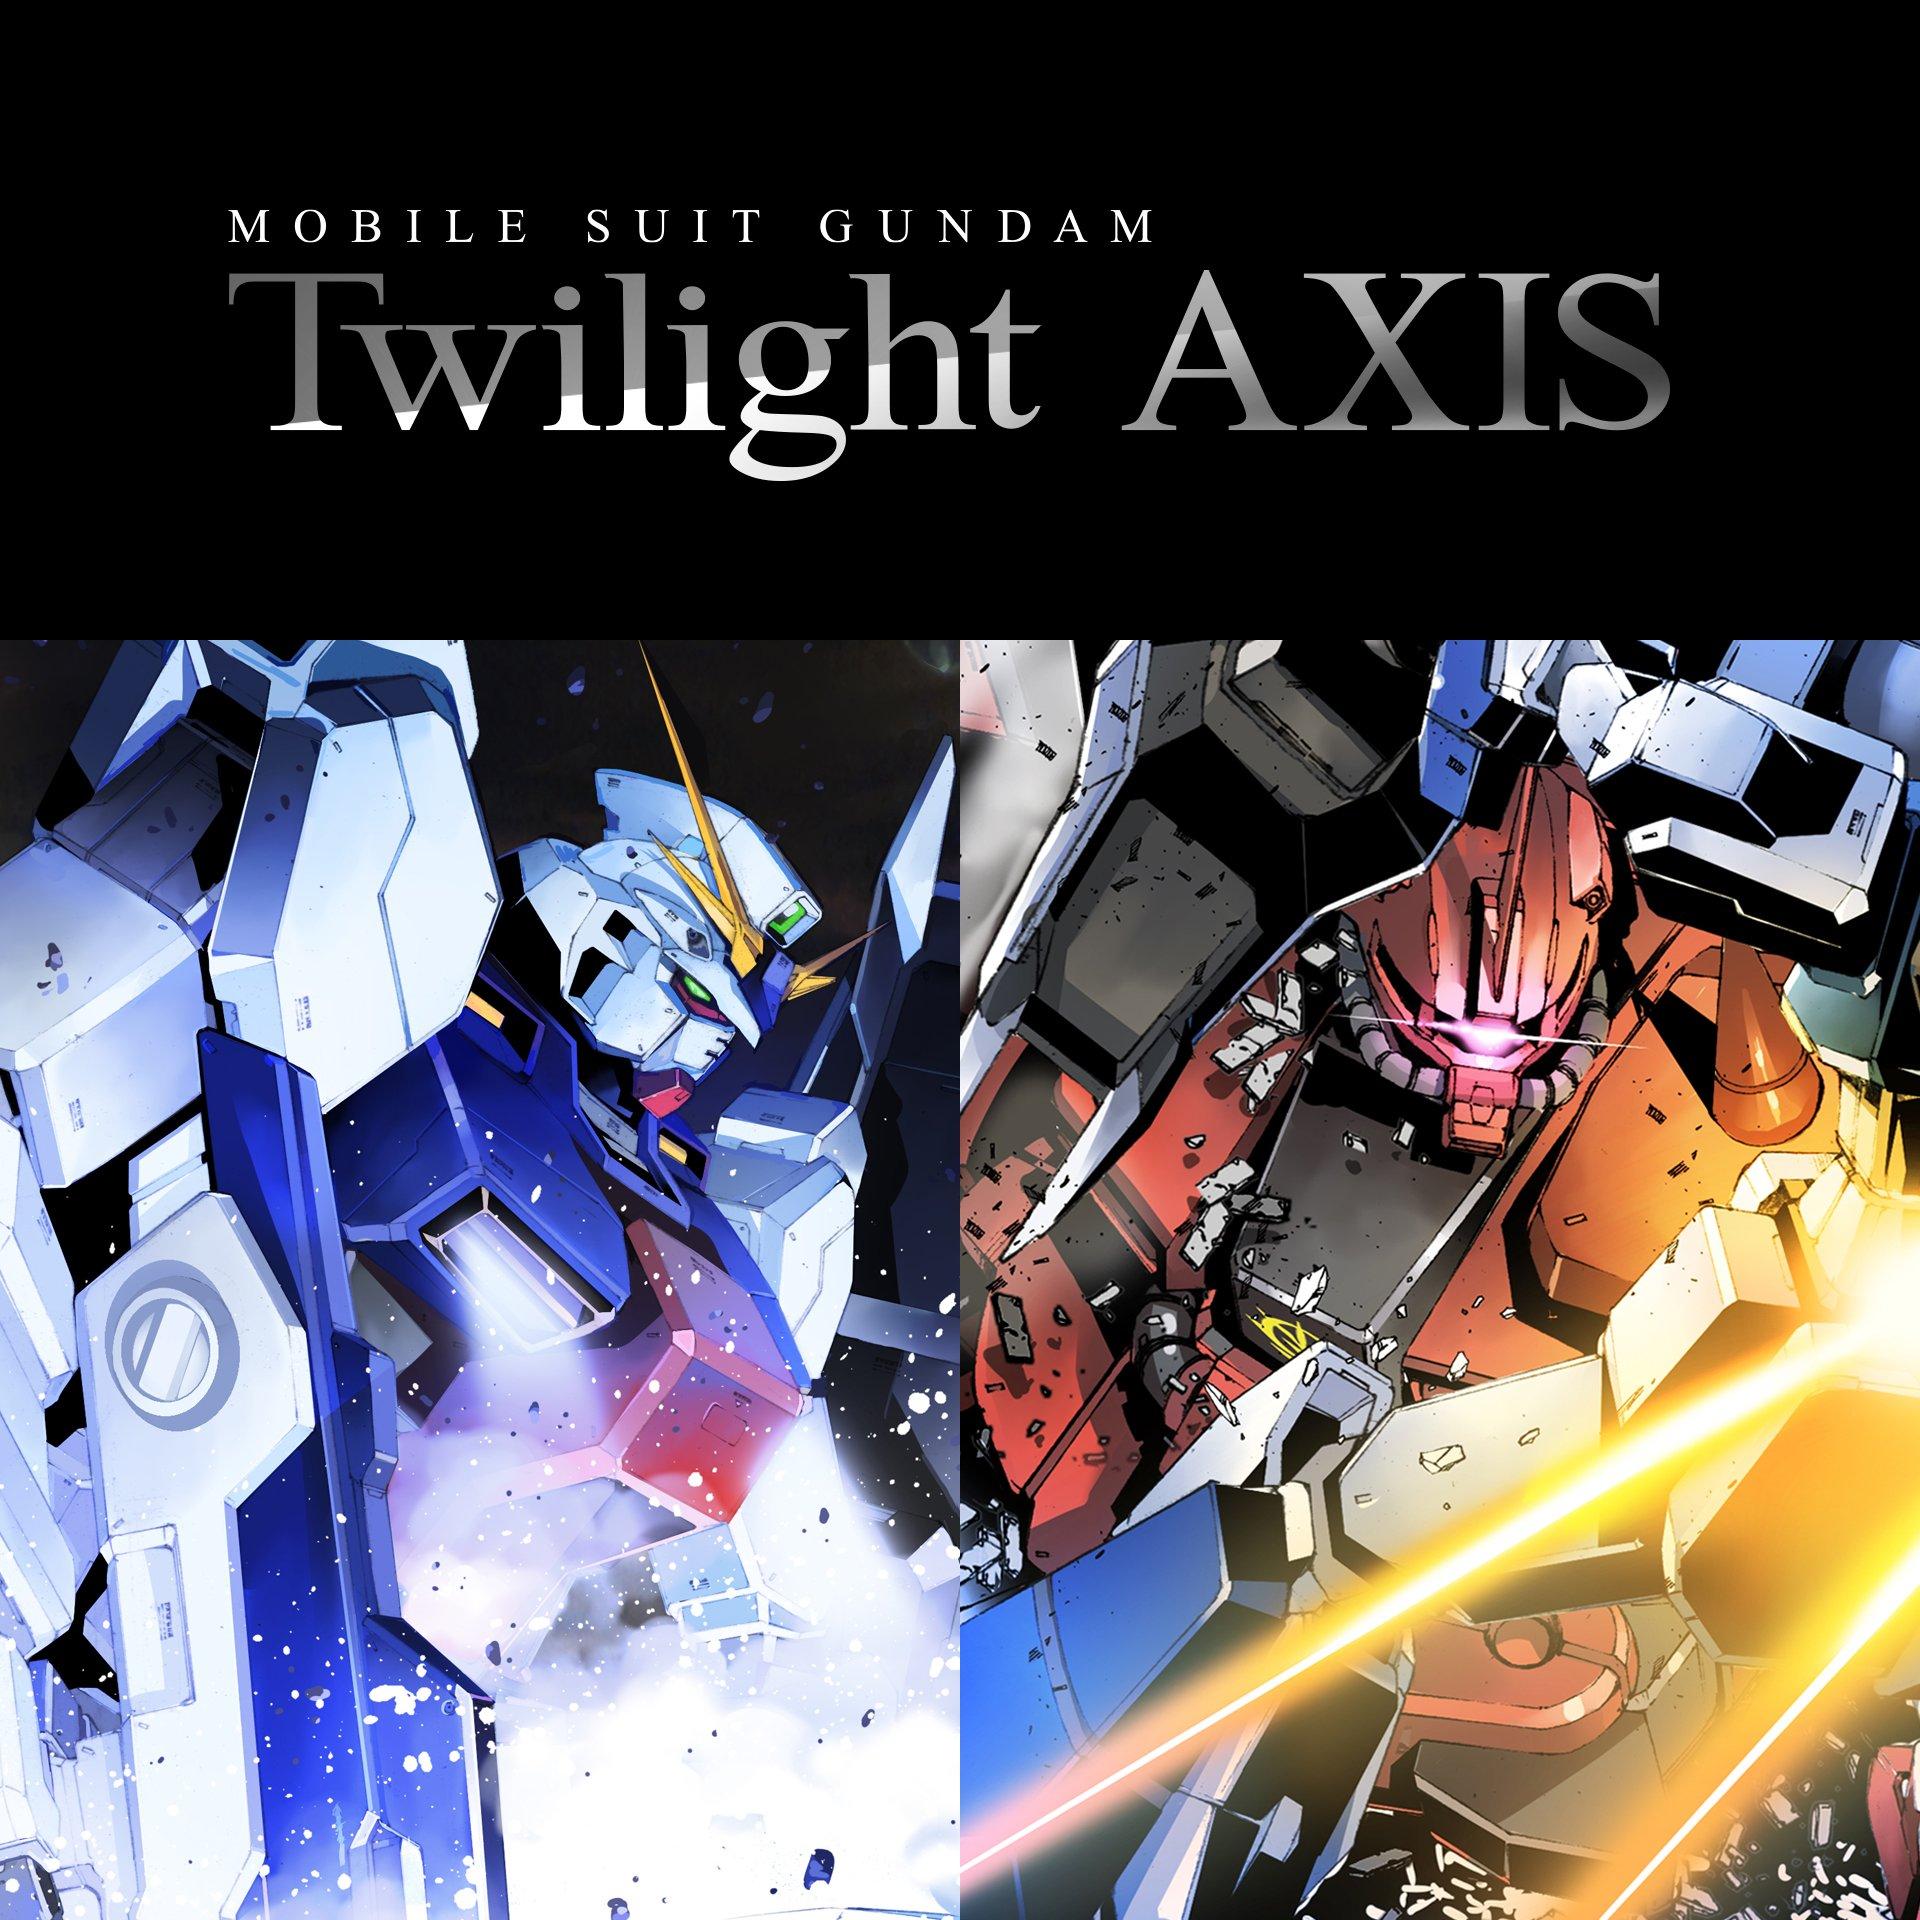 小説版『機動戦士ガンダム Twilight AXIS』